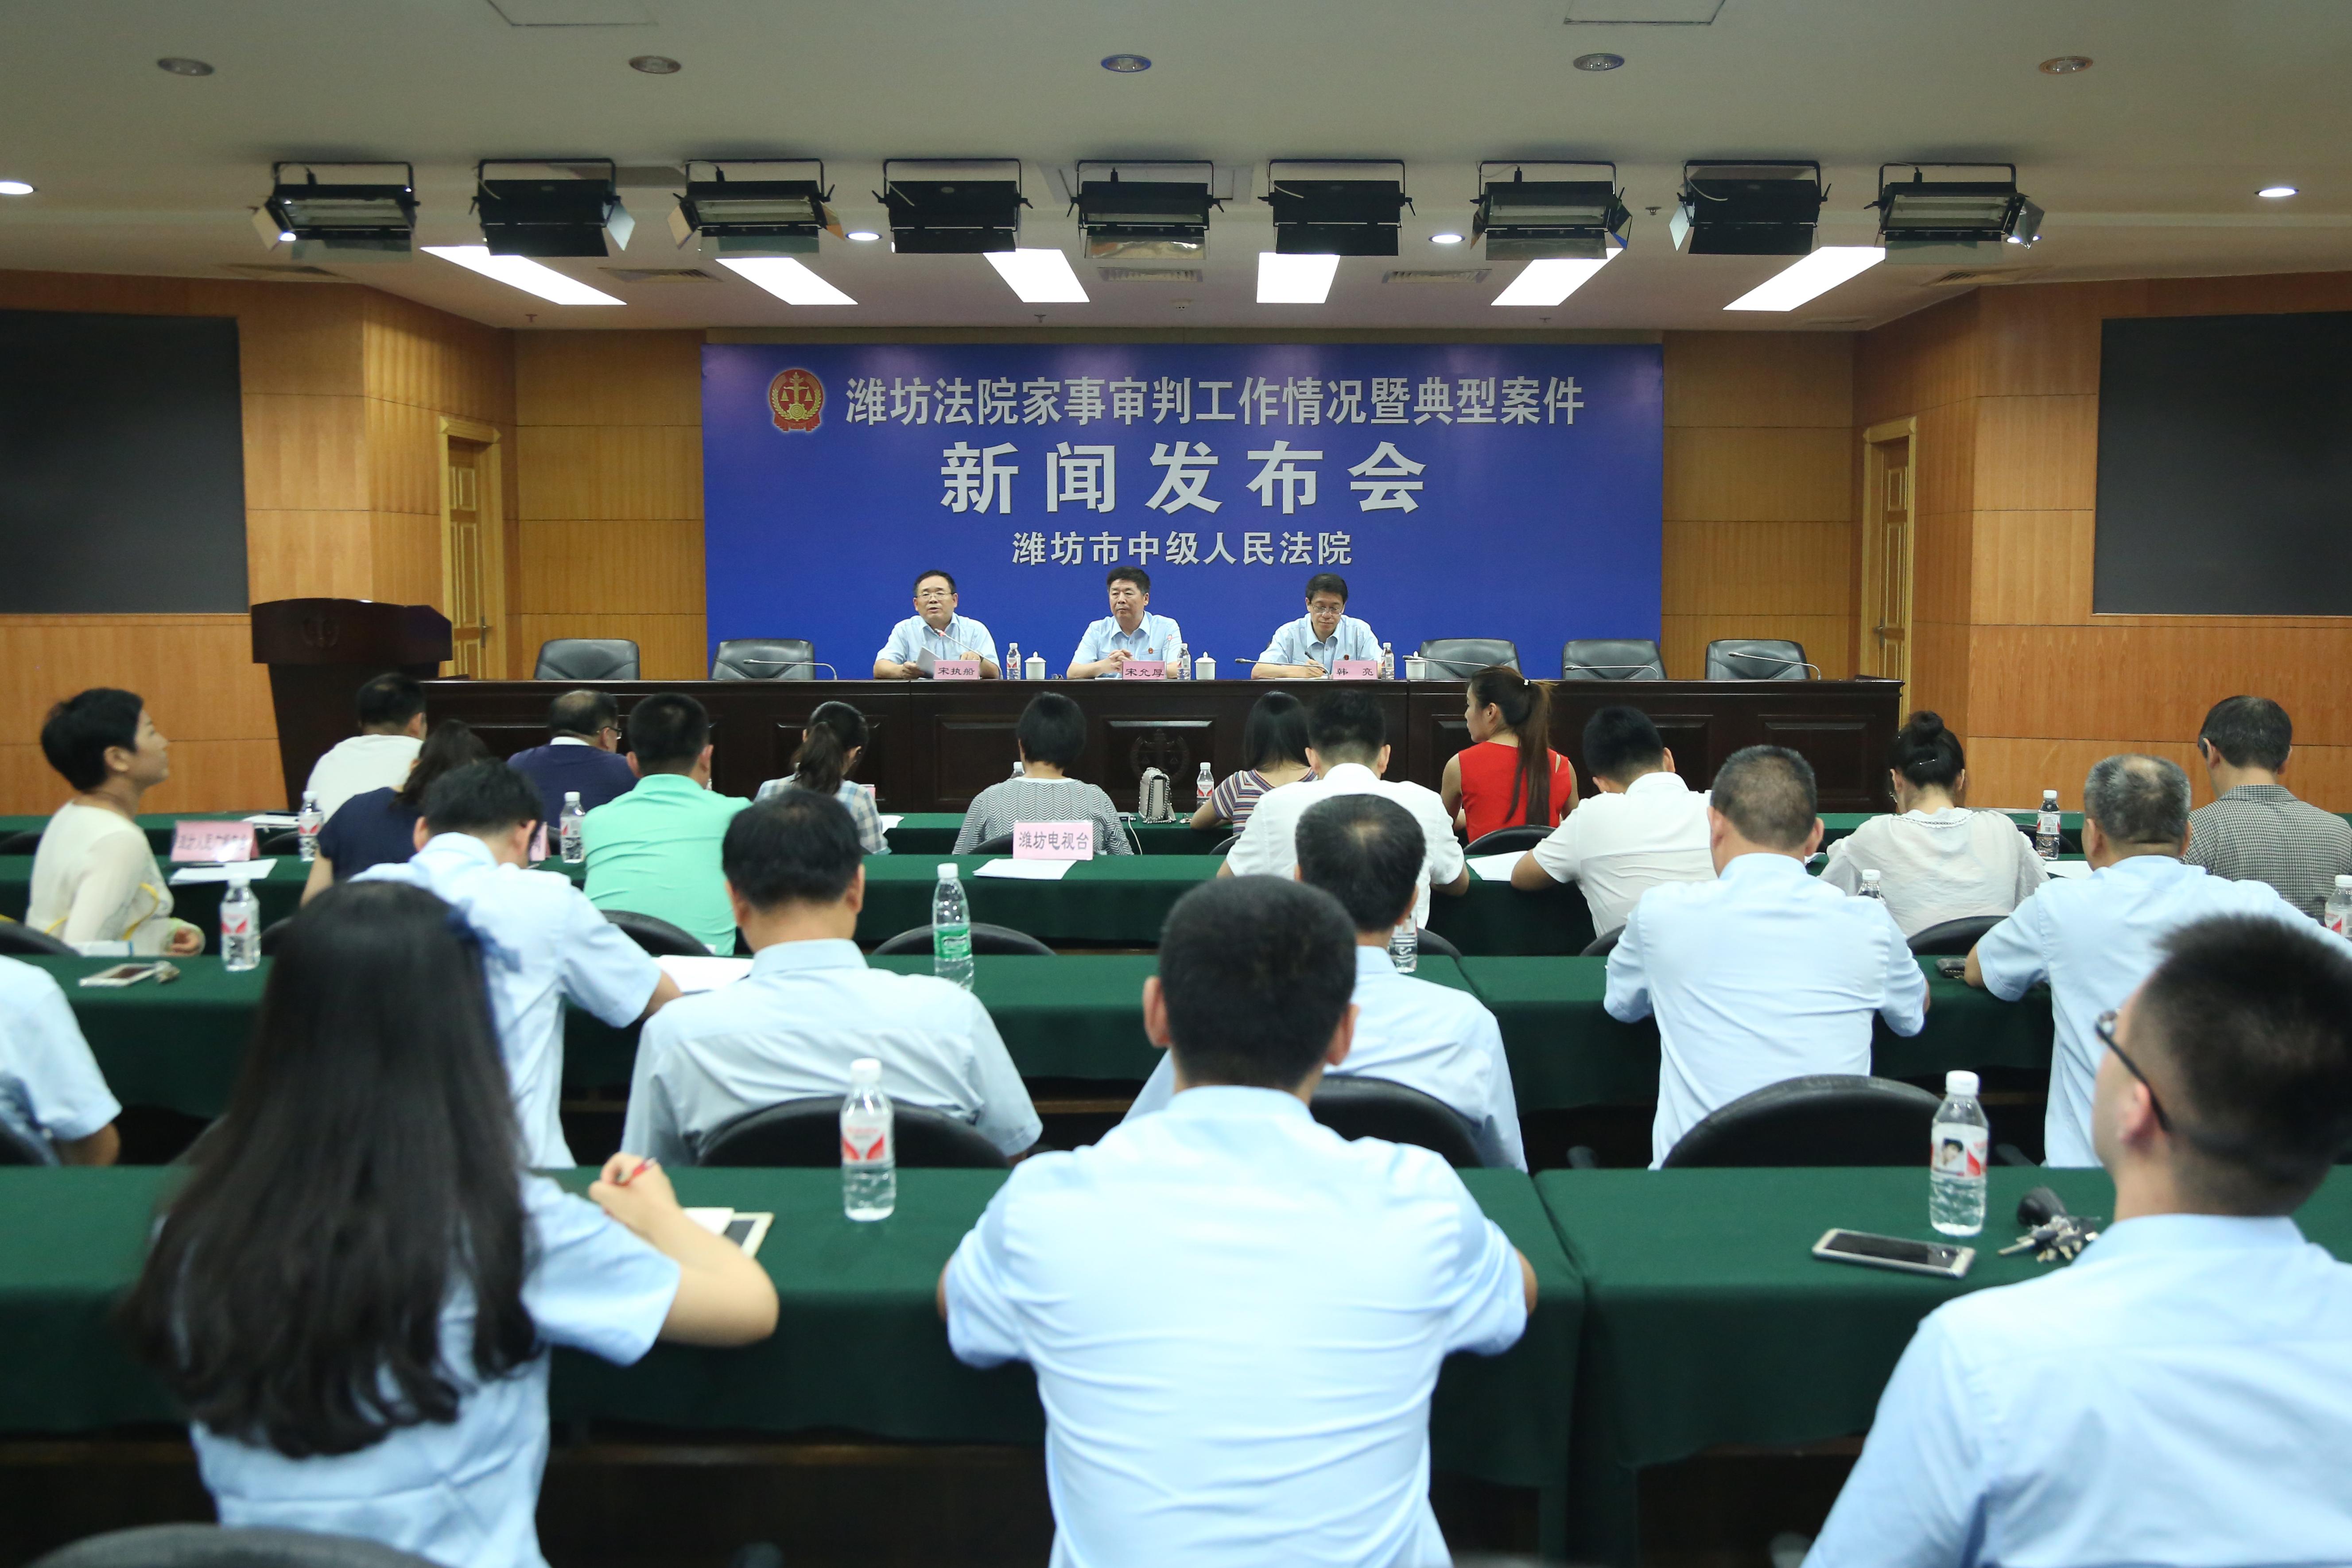 潍坊离婚率连年攀升 法院多元化解调撤率43.23%